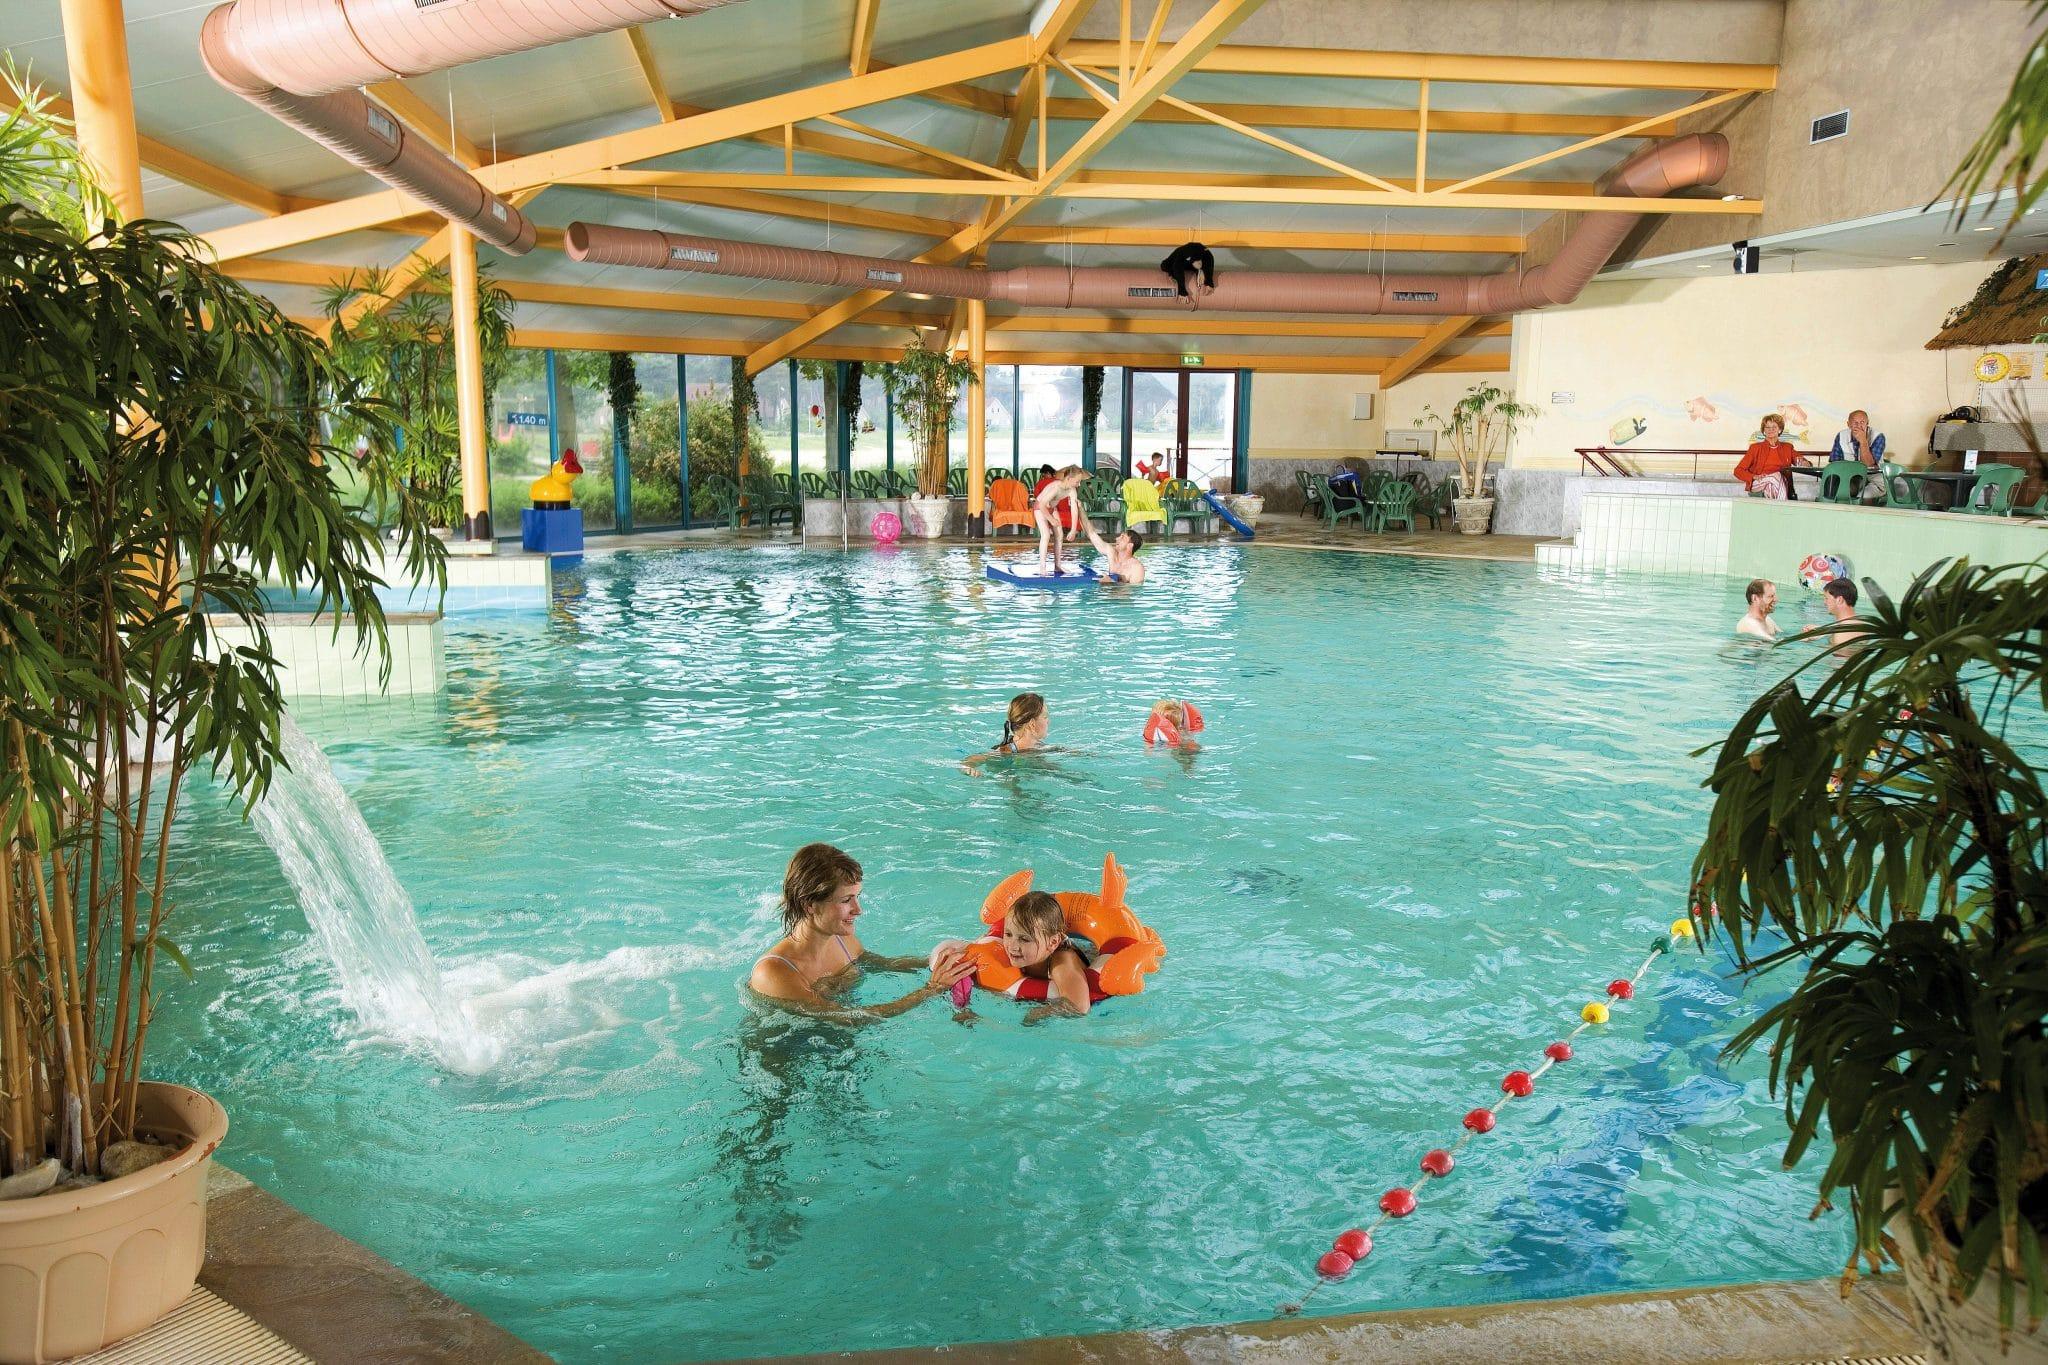 Landgoed 39 t loo oldebroek landal reviews last minutes - Fotos van het zwembad ...